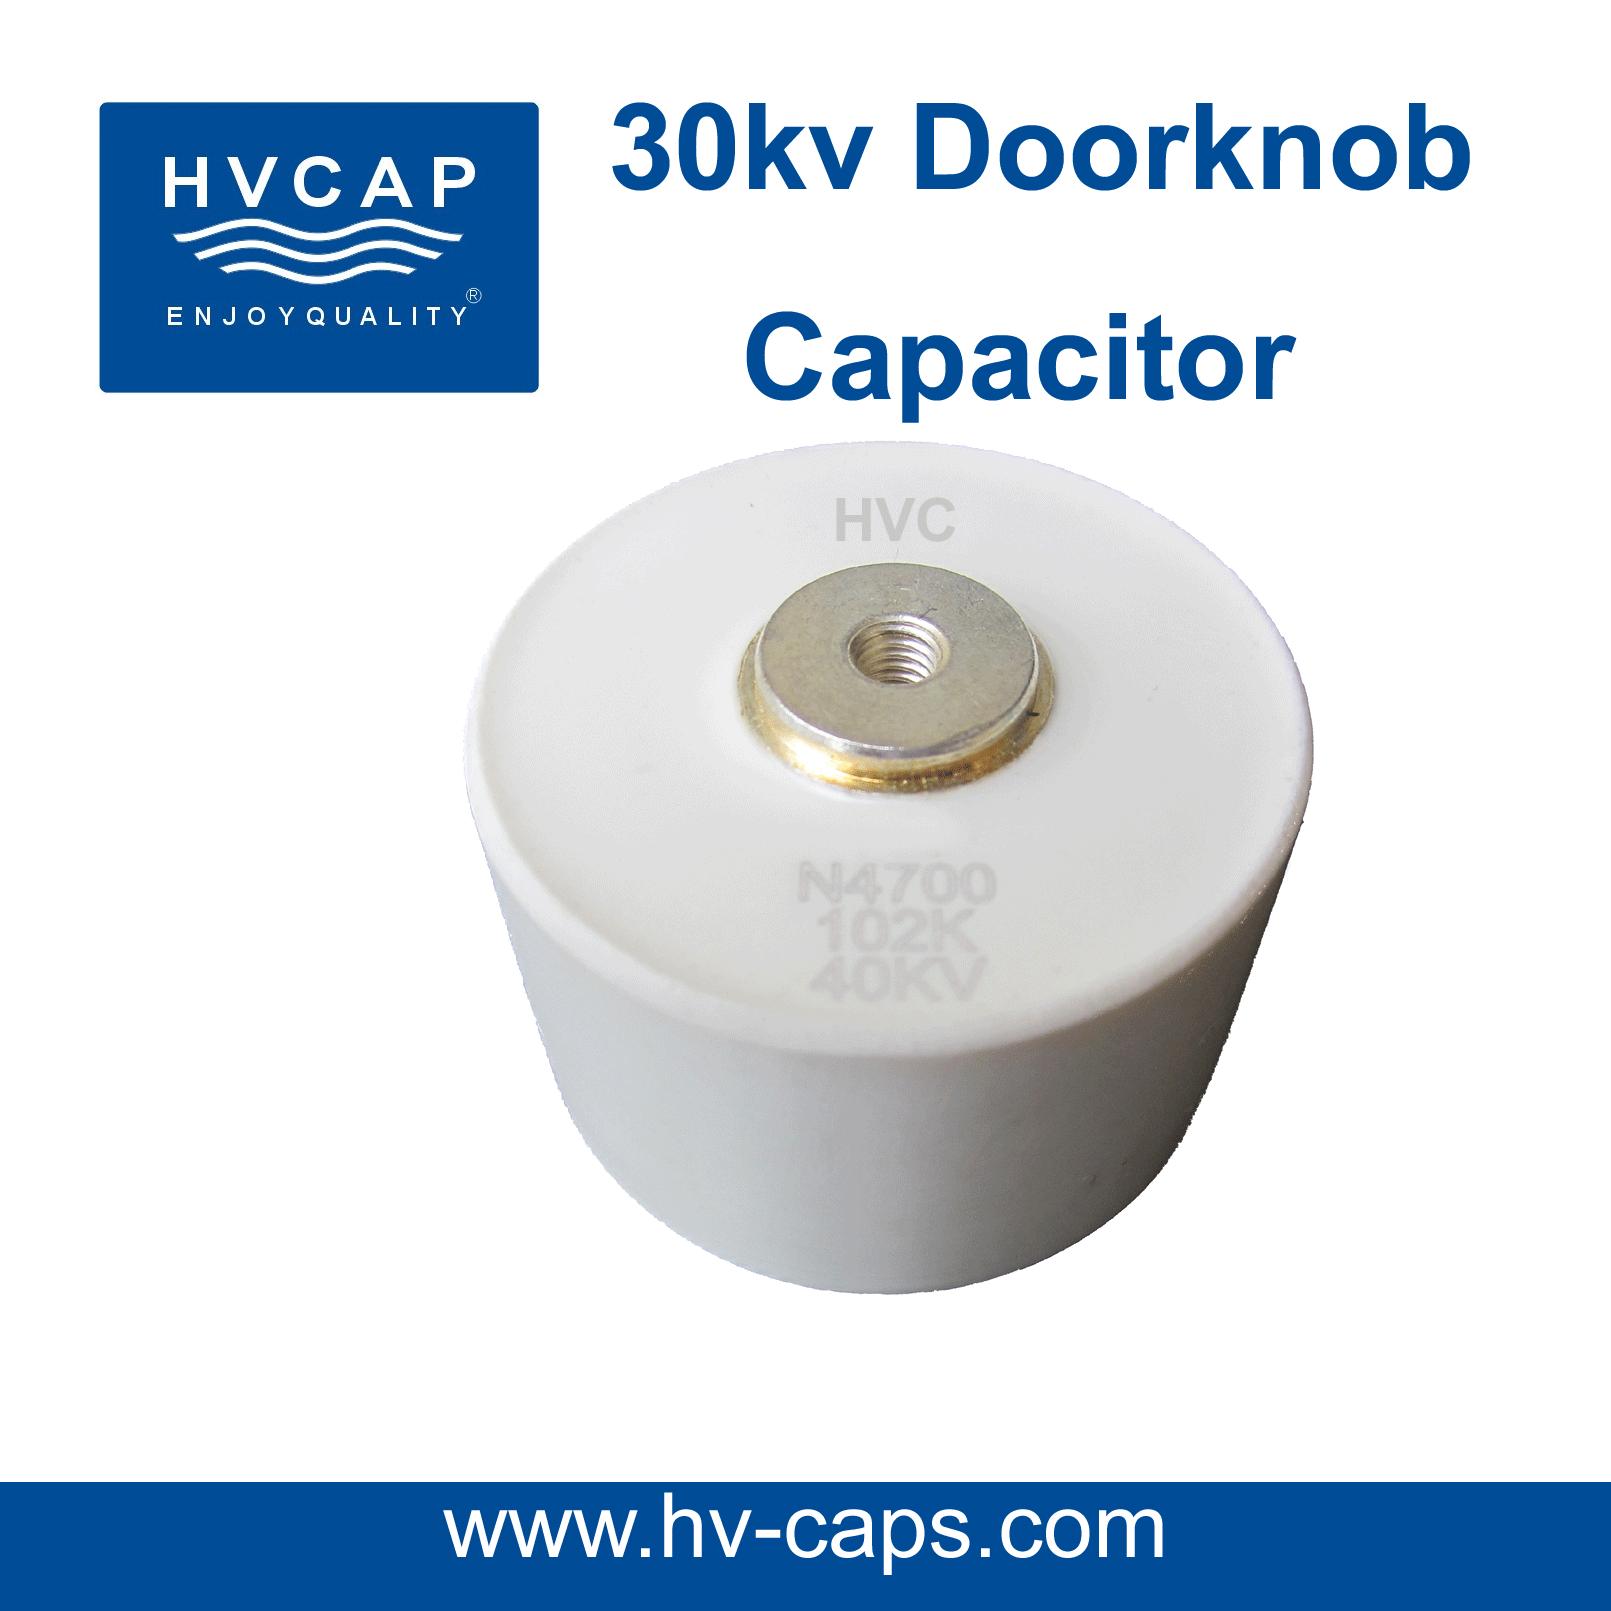 উচ্চ ভোল্টেজ সিরামিক Doorknob ক্যাপাসিটরের 30kv স্পেসিফিকেশন।